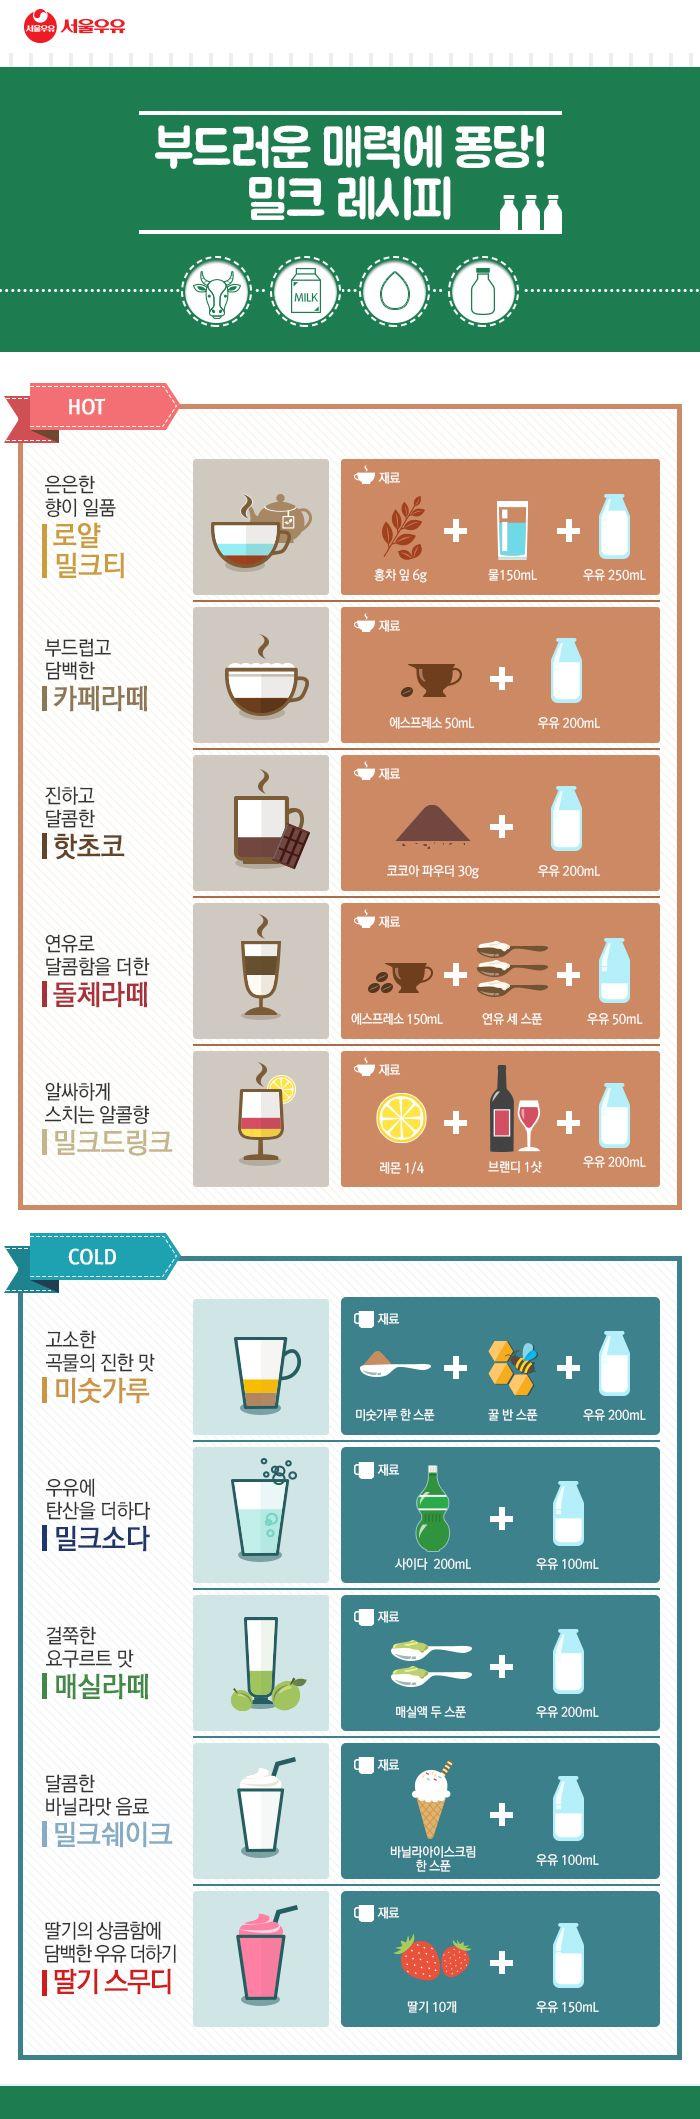 그냥 마셔도 맛있지만, 무엇과도 잘 어울리는 서울우유! 오늘은 서울우유를 활용한 레시피를 준비했는데요~ :D 무려 10가지를 준비했으니 여러분의 취향을 저격하는 밀크레시피가 하나는 무조건 있을 거예요~ :) 부드러운 매력에 퐁당! 빠질 준비가 되셨다면 레시피를 함께 볼까요?